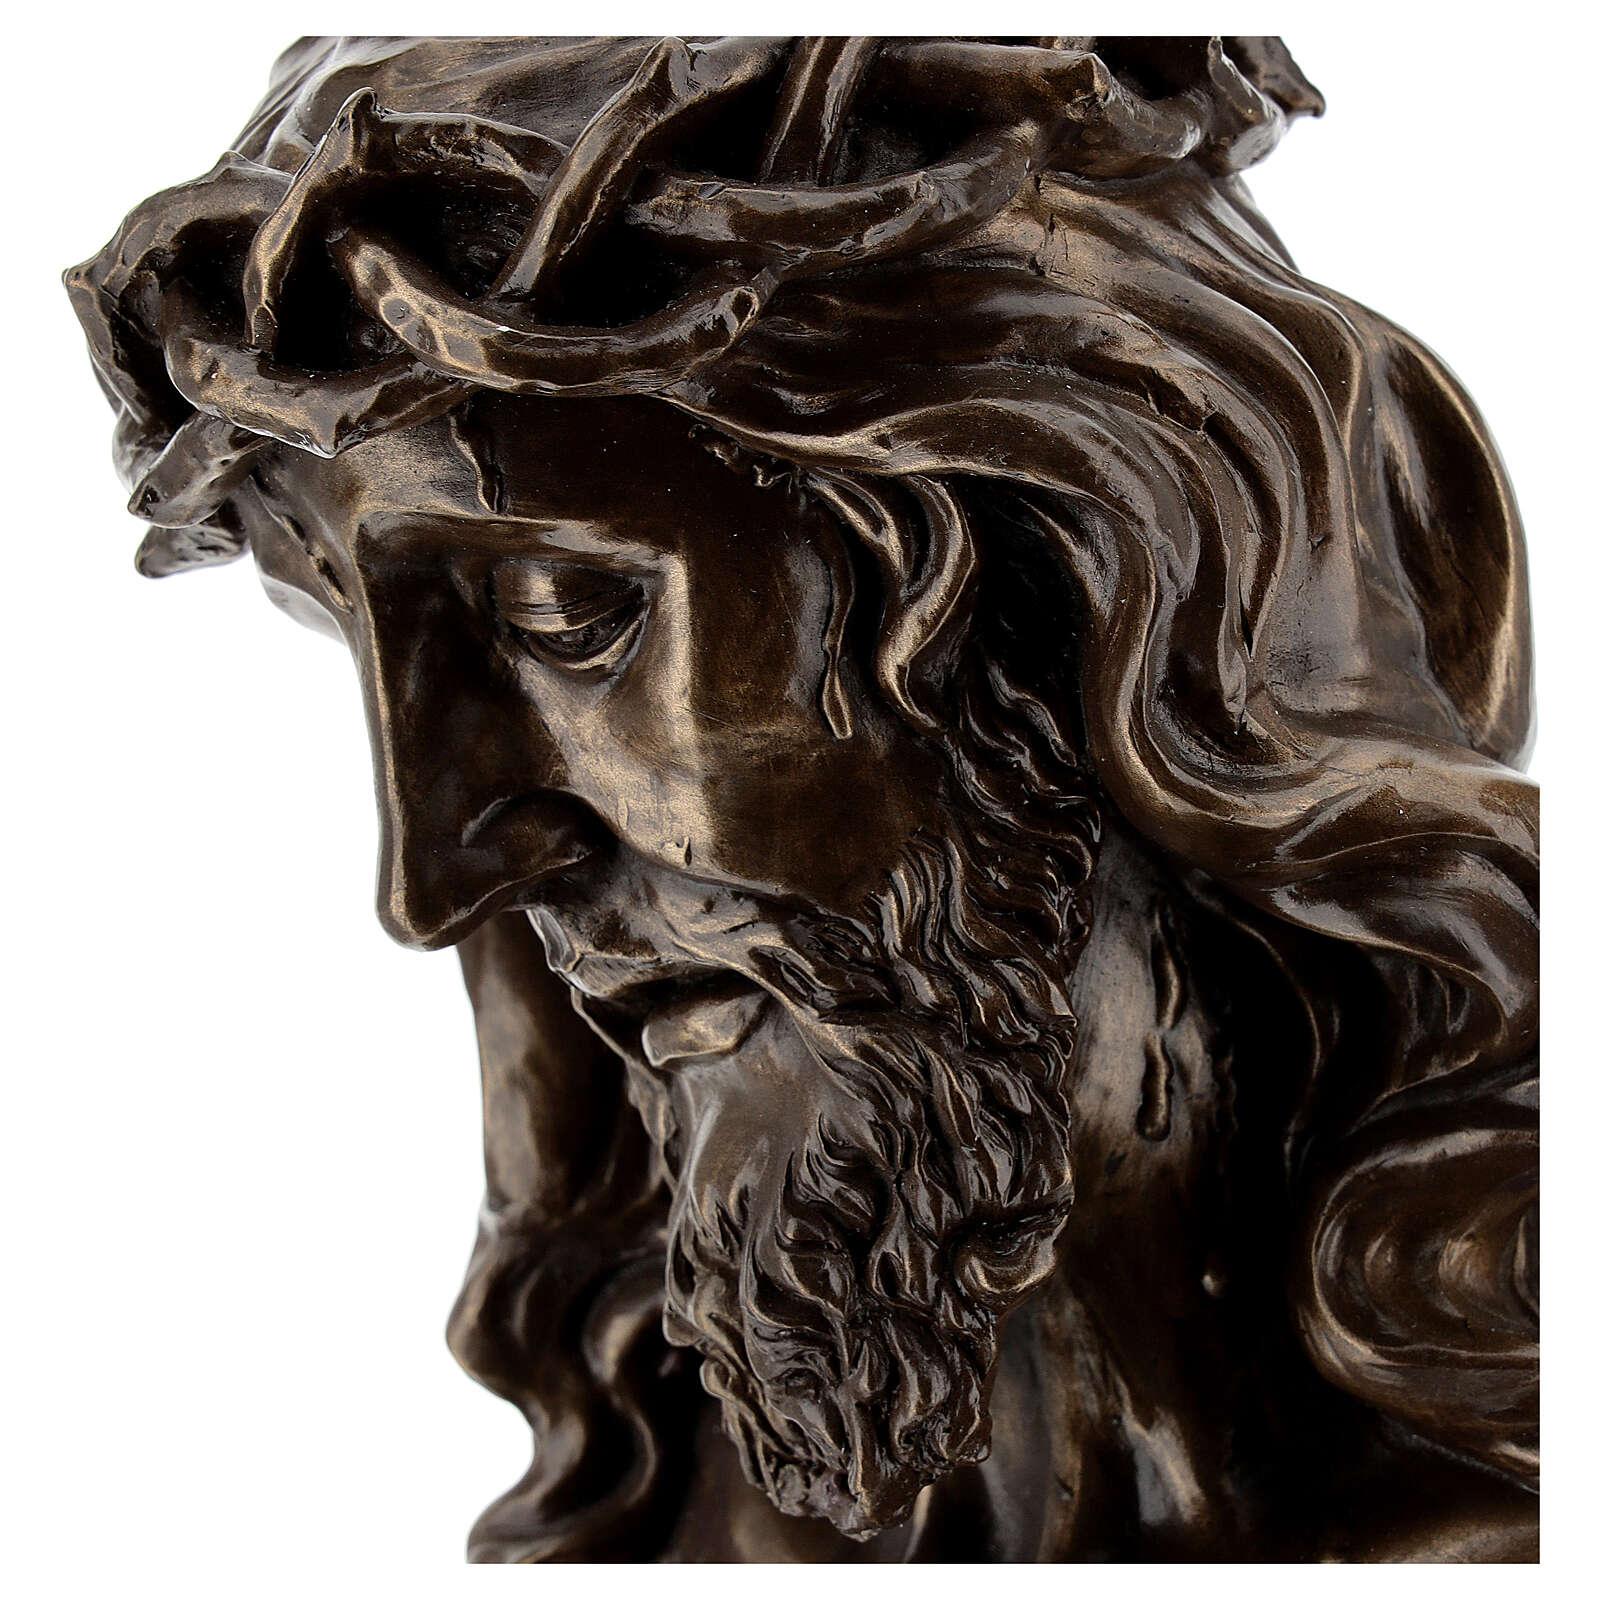 Rostro Cristo crucifijo corona espinas resina bronceada 20x15 cm 4